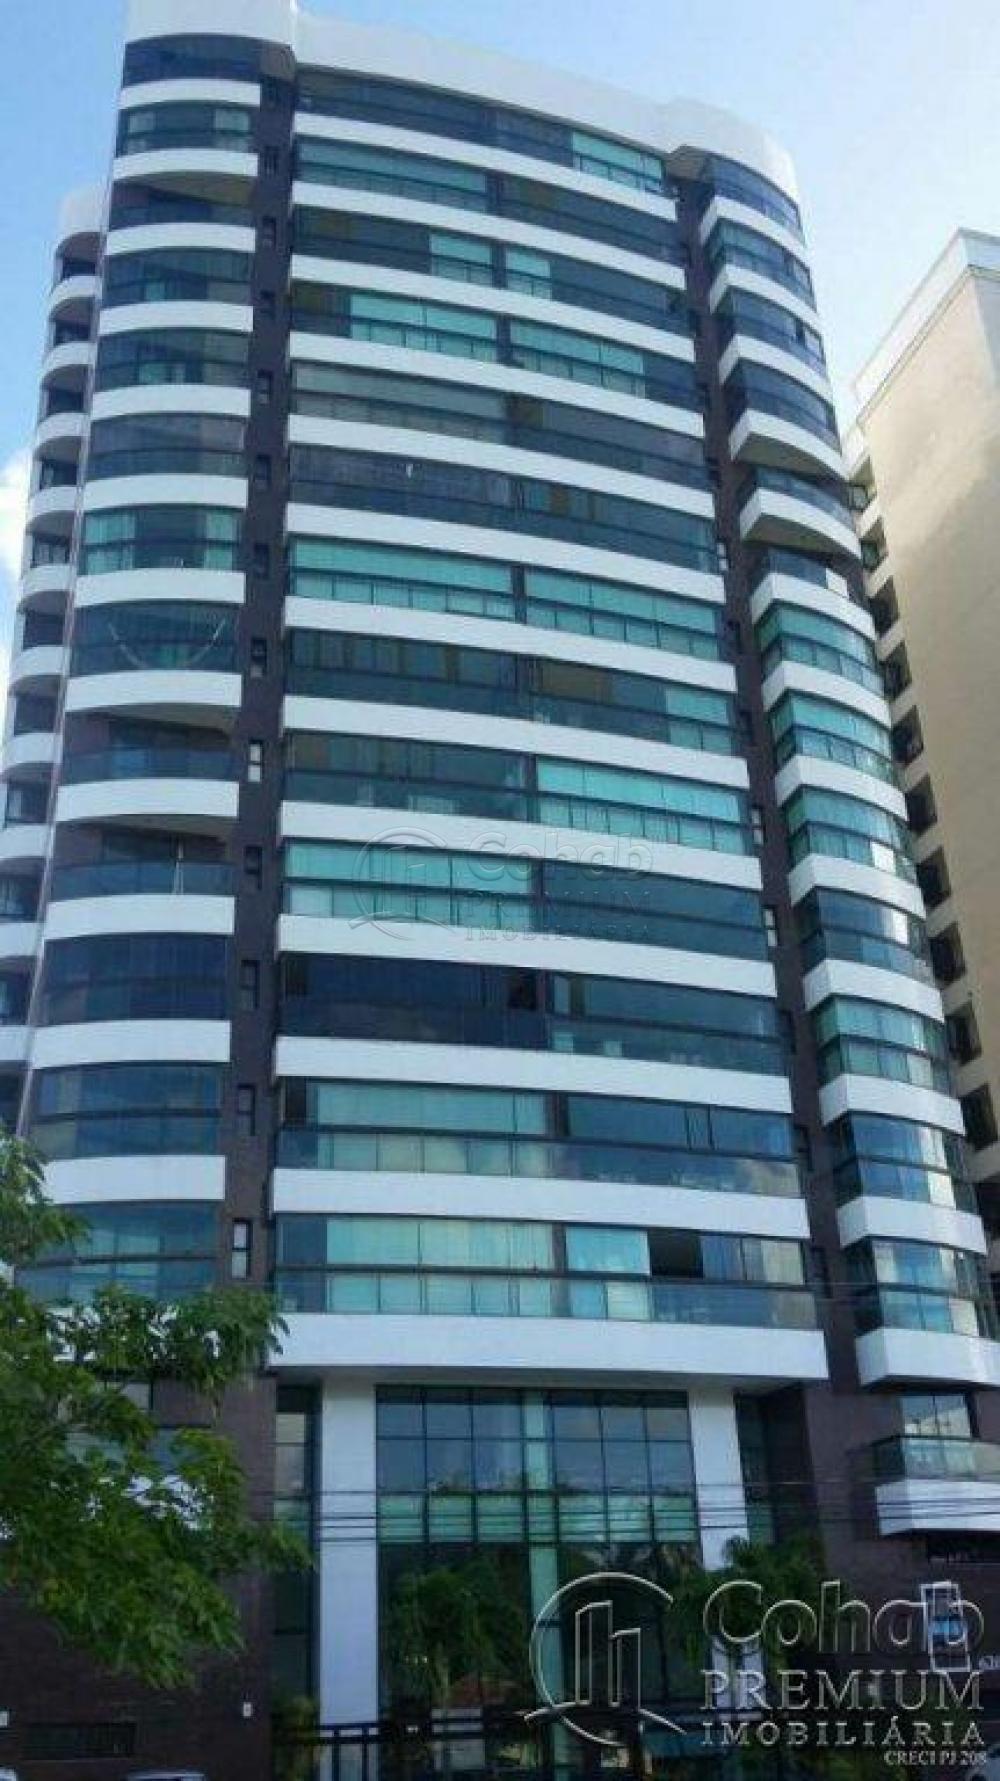 Comprar Apartamento / Mansão em Aracaju apenas R$ 1.700.000,00 - Foto 1